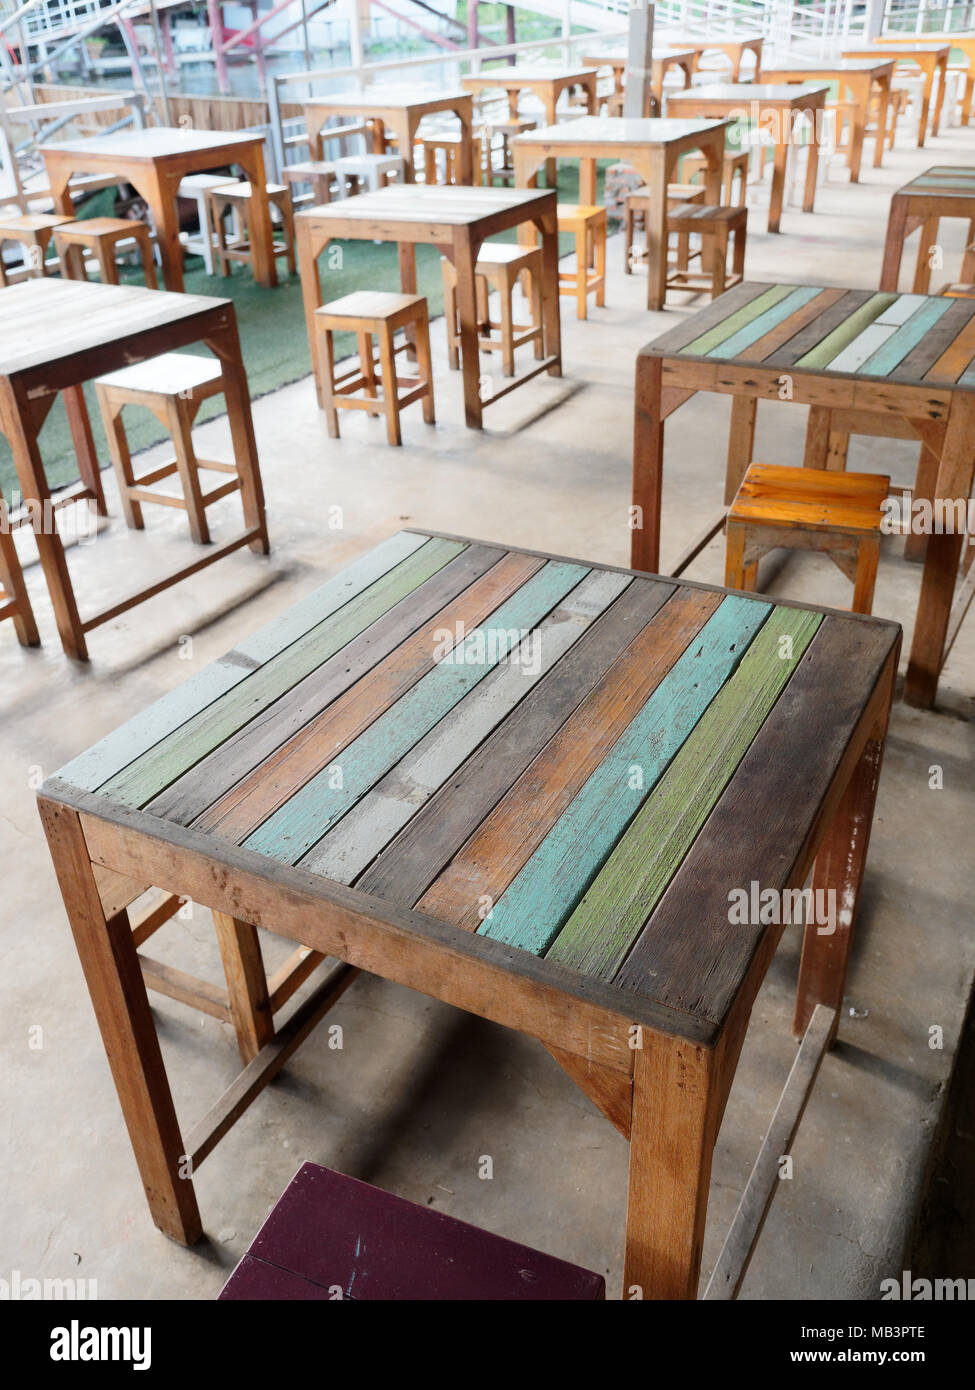 Zeile Aus Holz Bunt Weiss Grun Blau Und Braun Tische Und Stuhle Aus Einem Cafe Oder Restaurant In Vintage Oder Retro Stil Stockfotografie Alamy